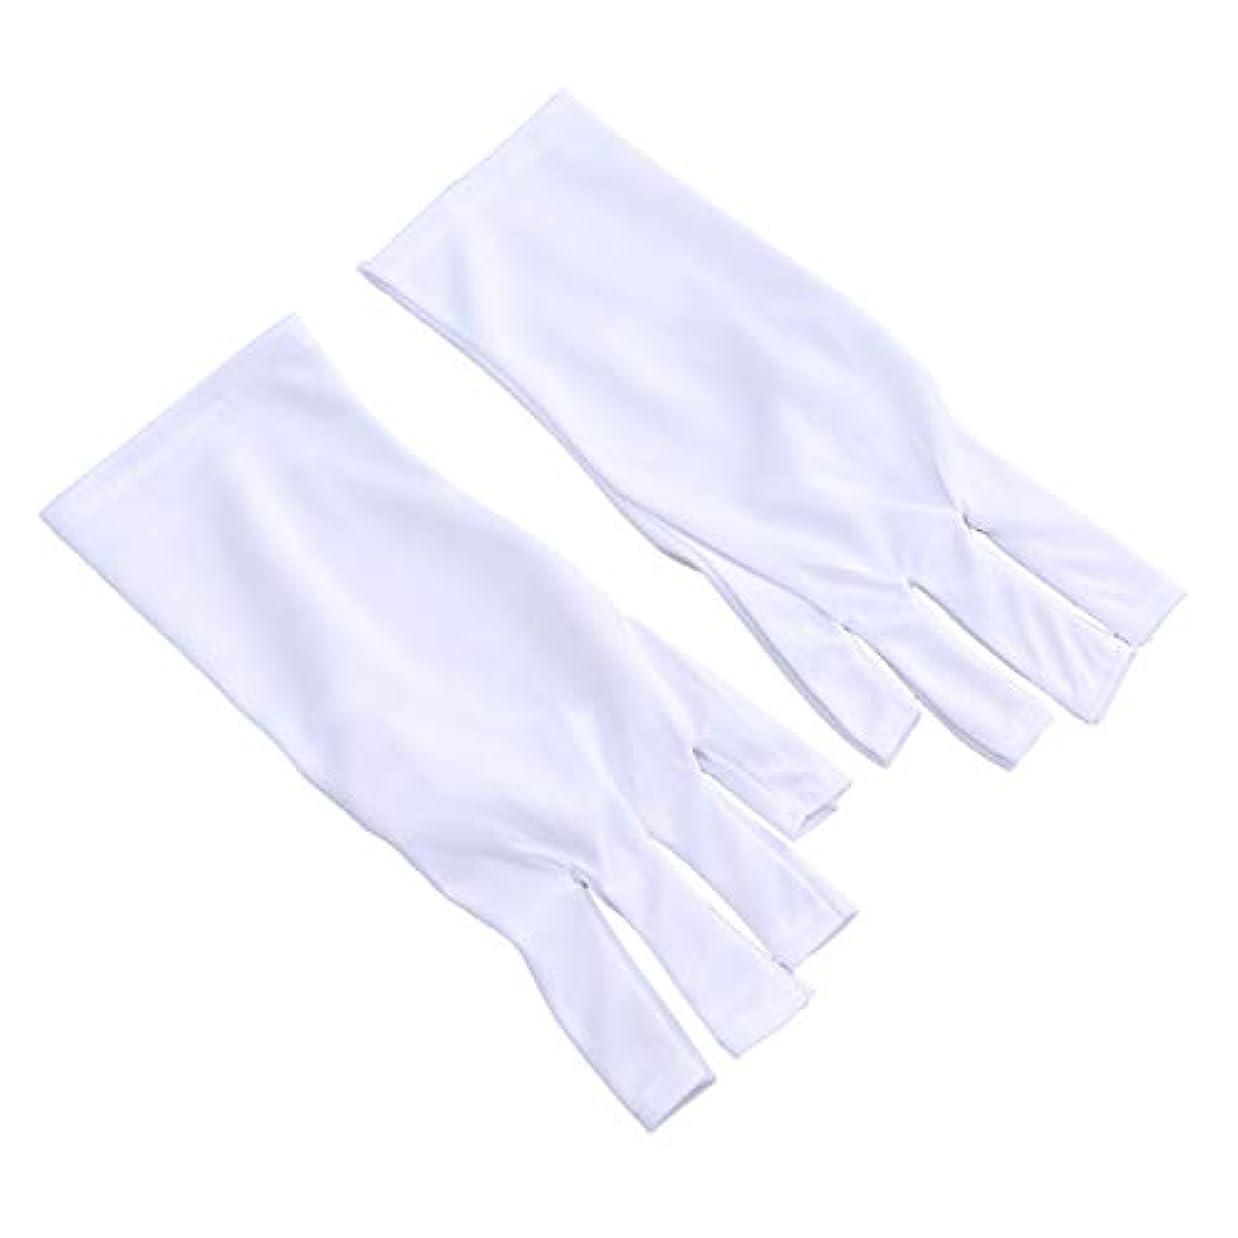 リスク噴火被害者Healifty 抗uv手袋 手袋 ネイルアー 放射線防護 マニキュアドライヤーツール 1ペア (25 CMショートホワイトUVグローブ)